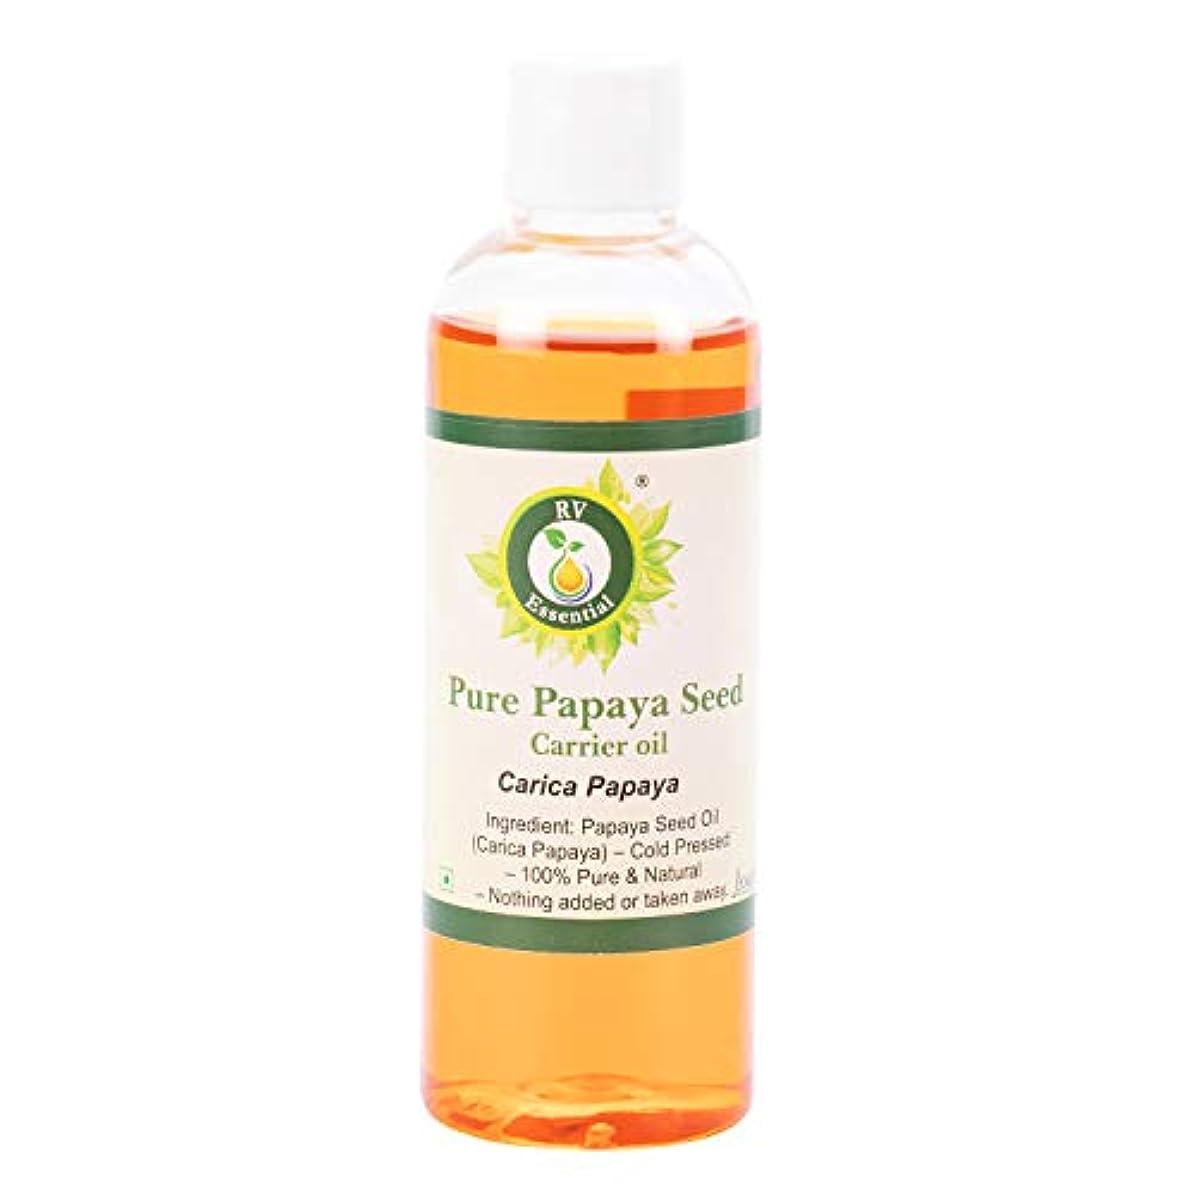 ハンバーガーつかむリーガン純粋なパパイヤ種子キャリアオイル100ml (3.38oz)- Carica Papaya (100%ピュア&ナチュラルコールドPressed) Pure Papaya Seed Carrier Oil